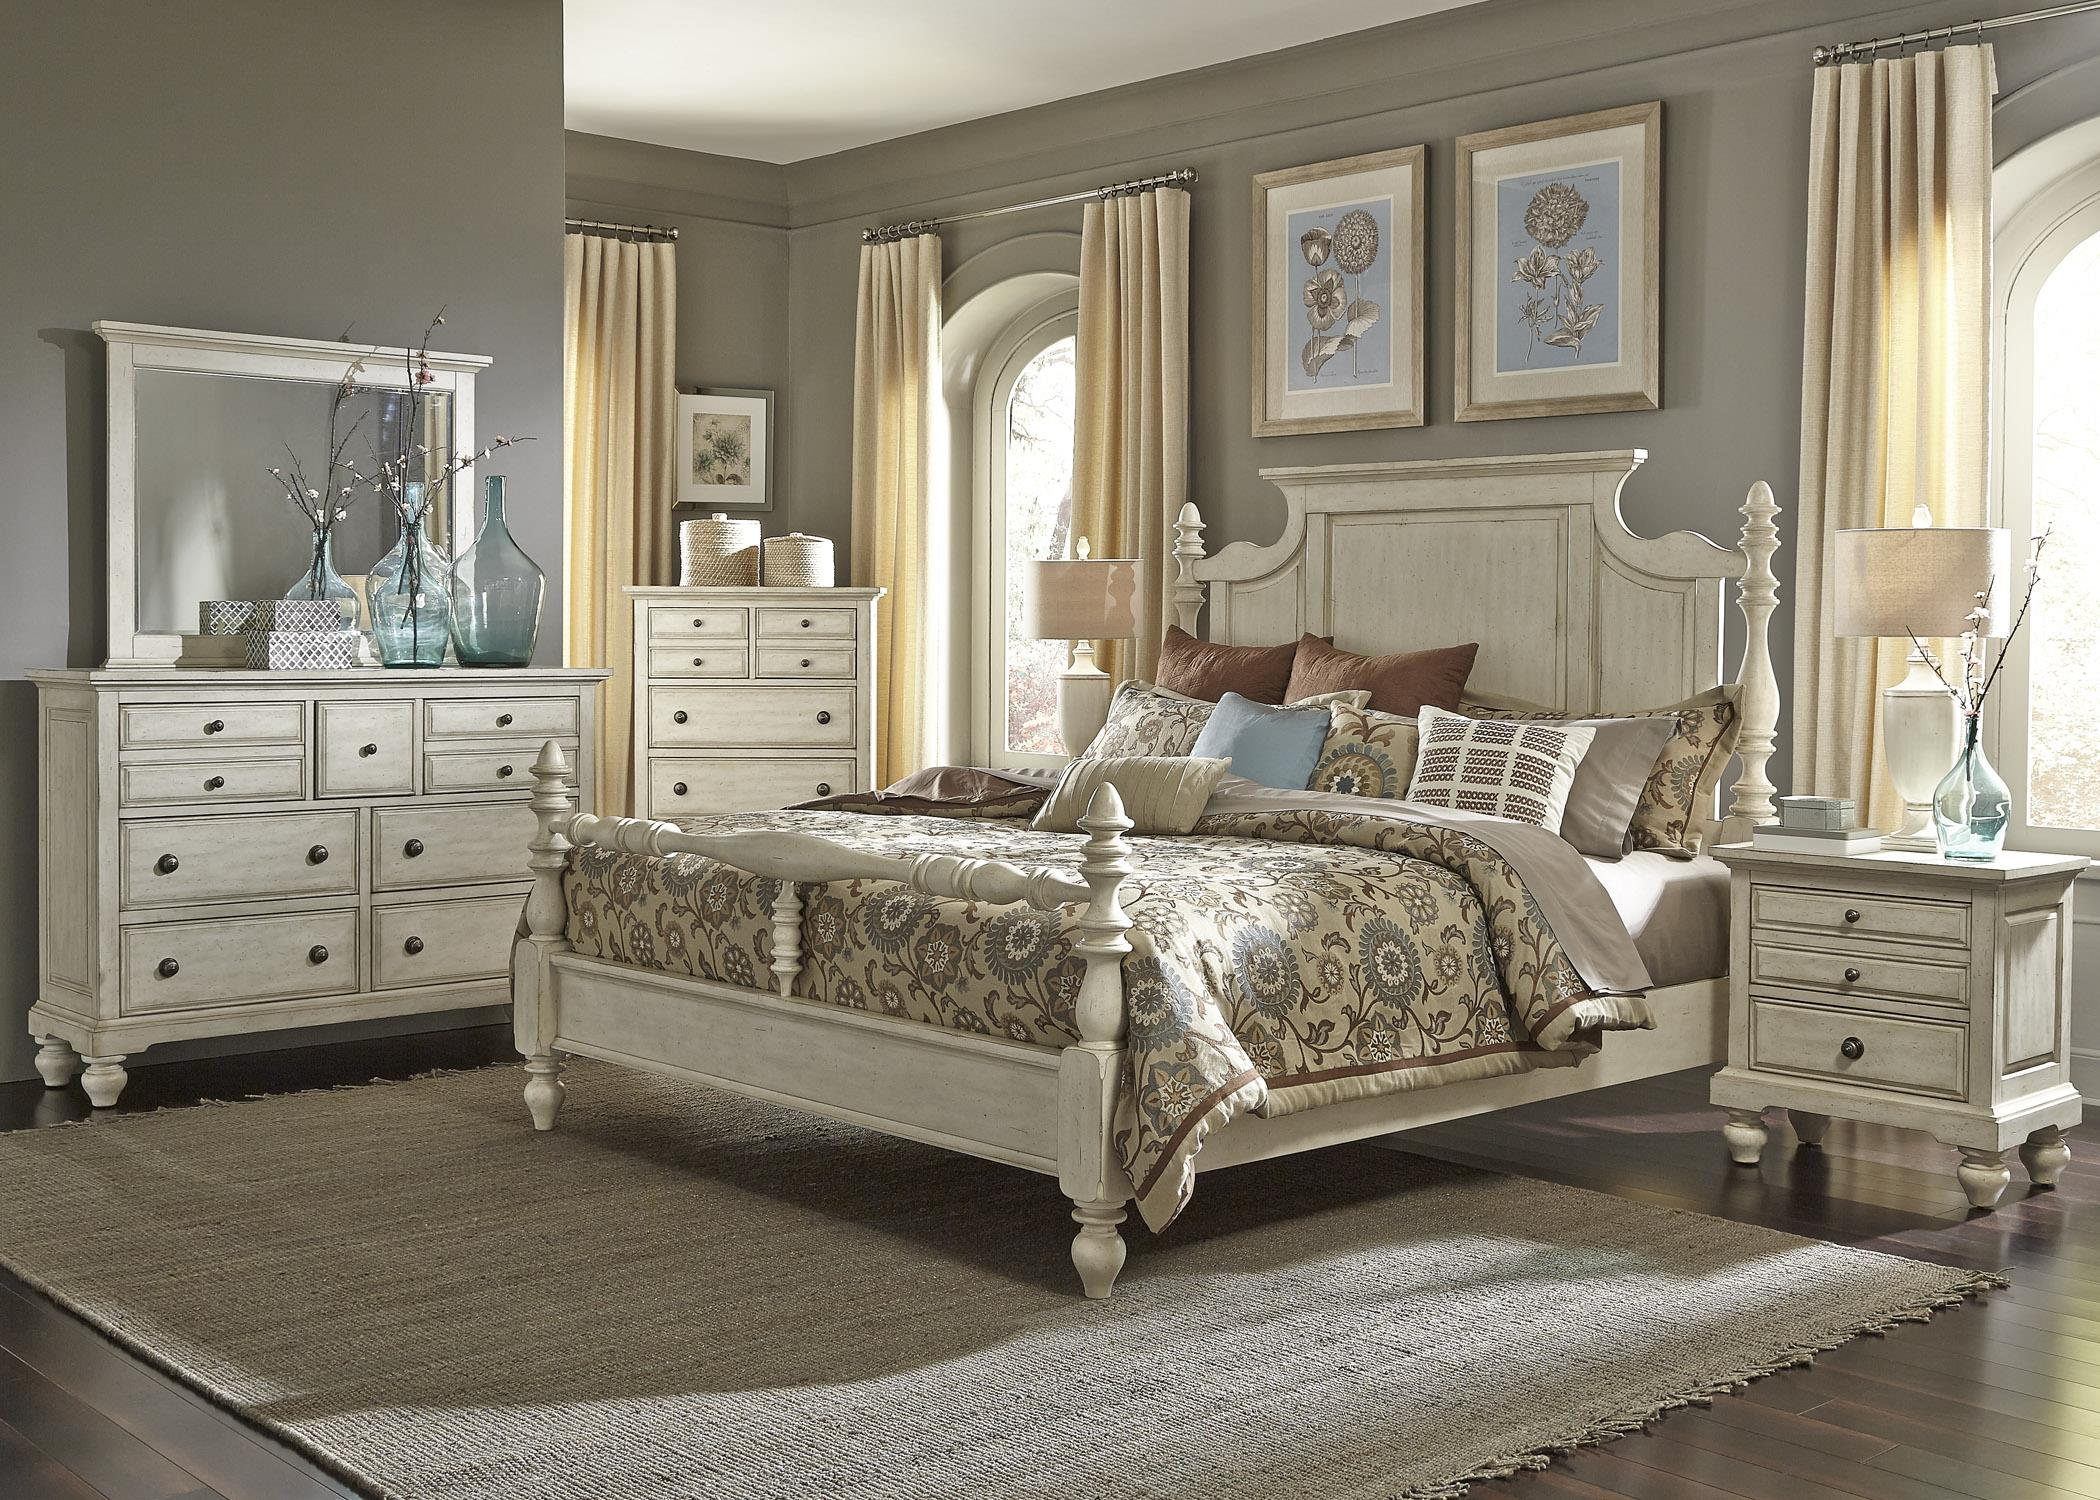 Liberty Furniture 697 Br 697 Br Qpsdmcn Queen Bedroom Group Hudson 39 S Furniture Bedroom Groups